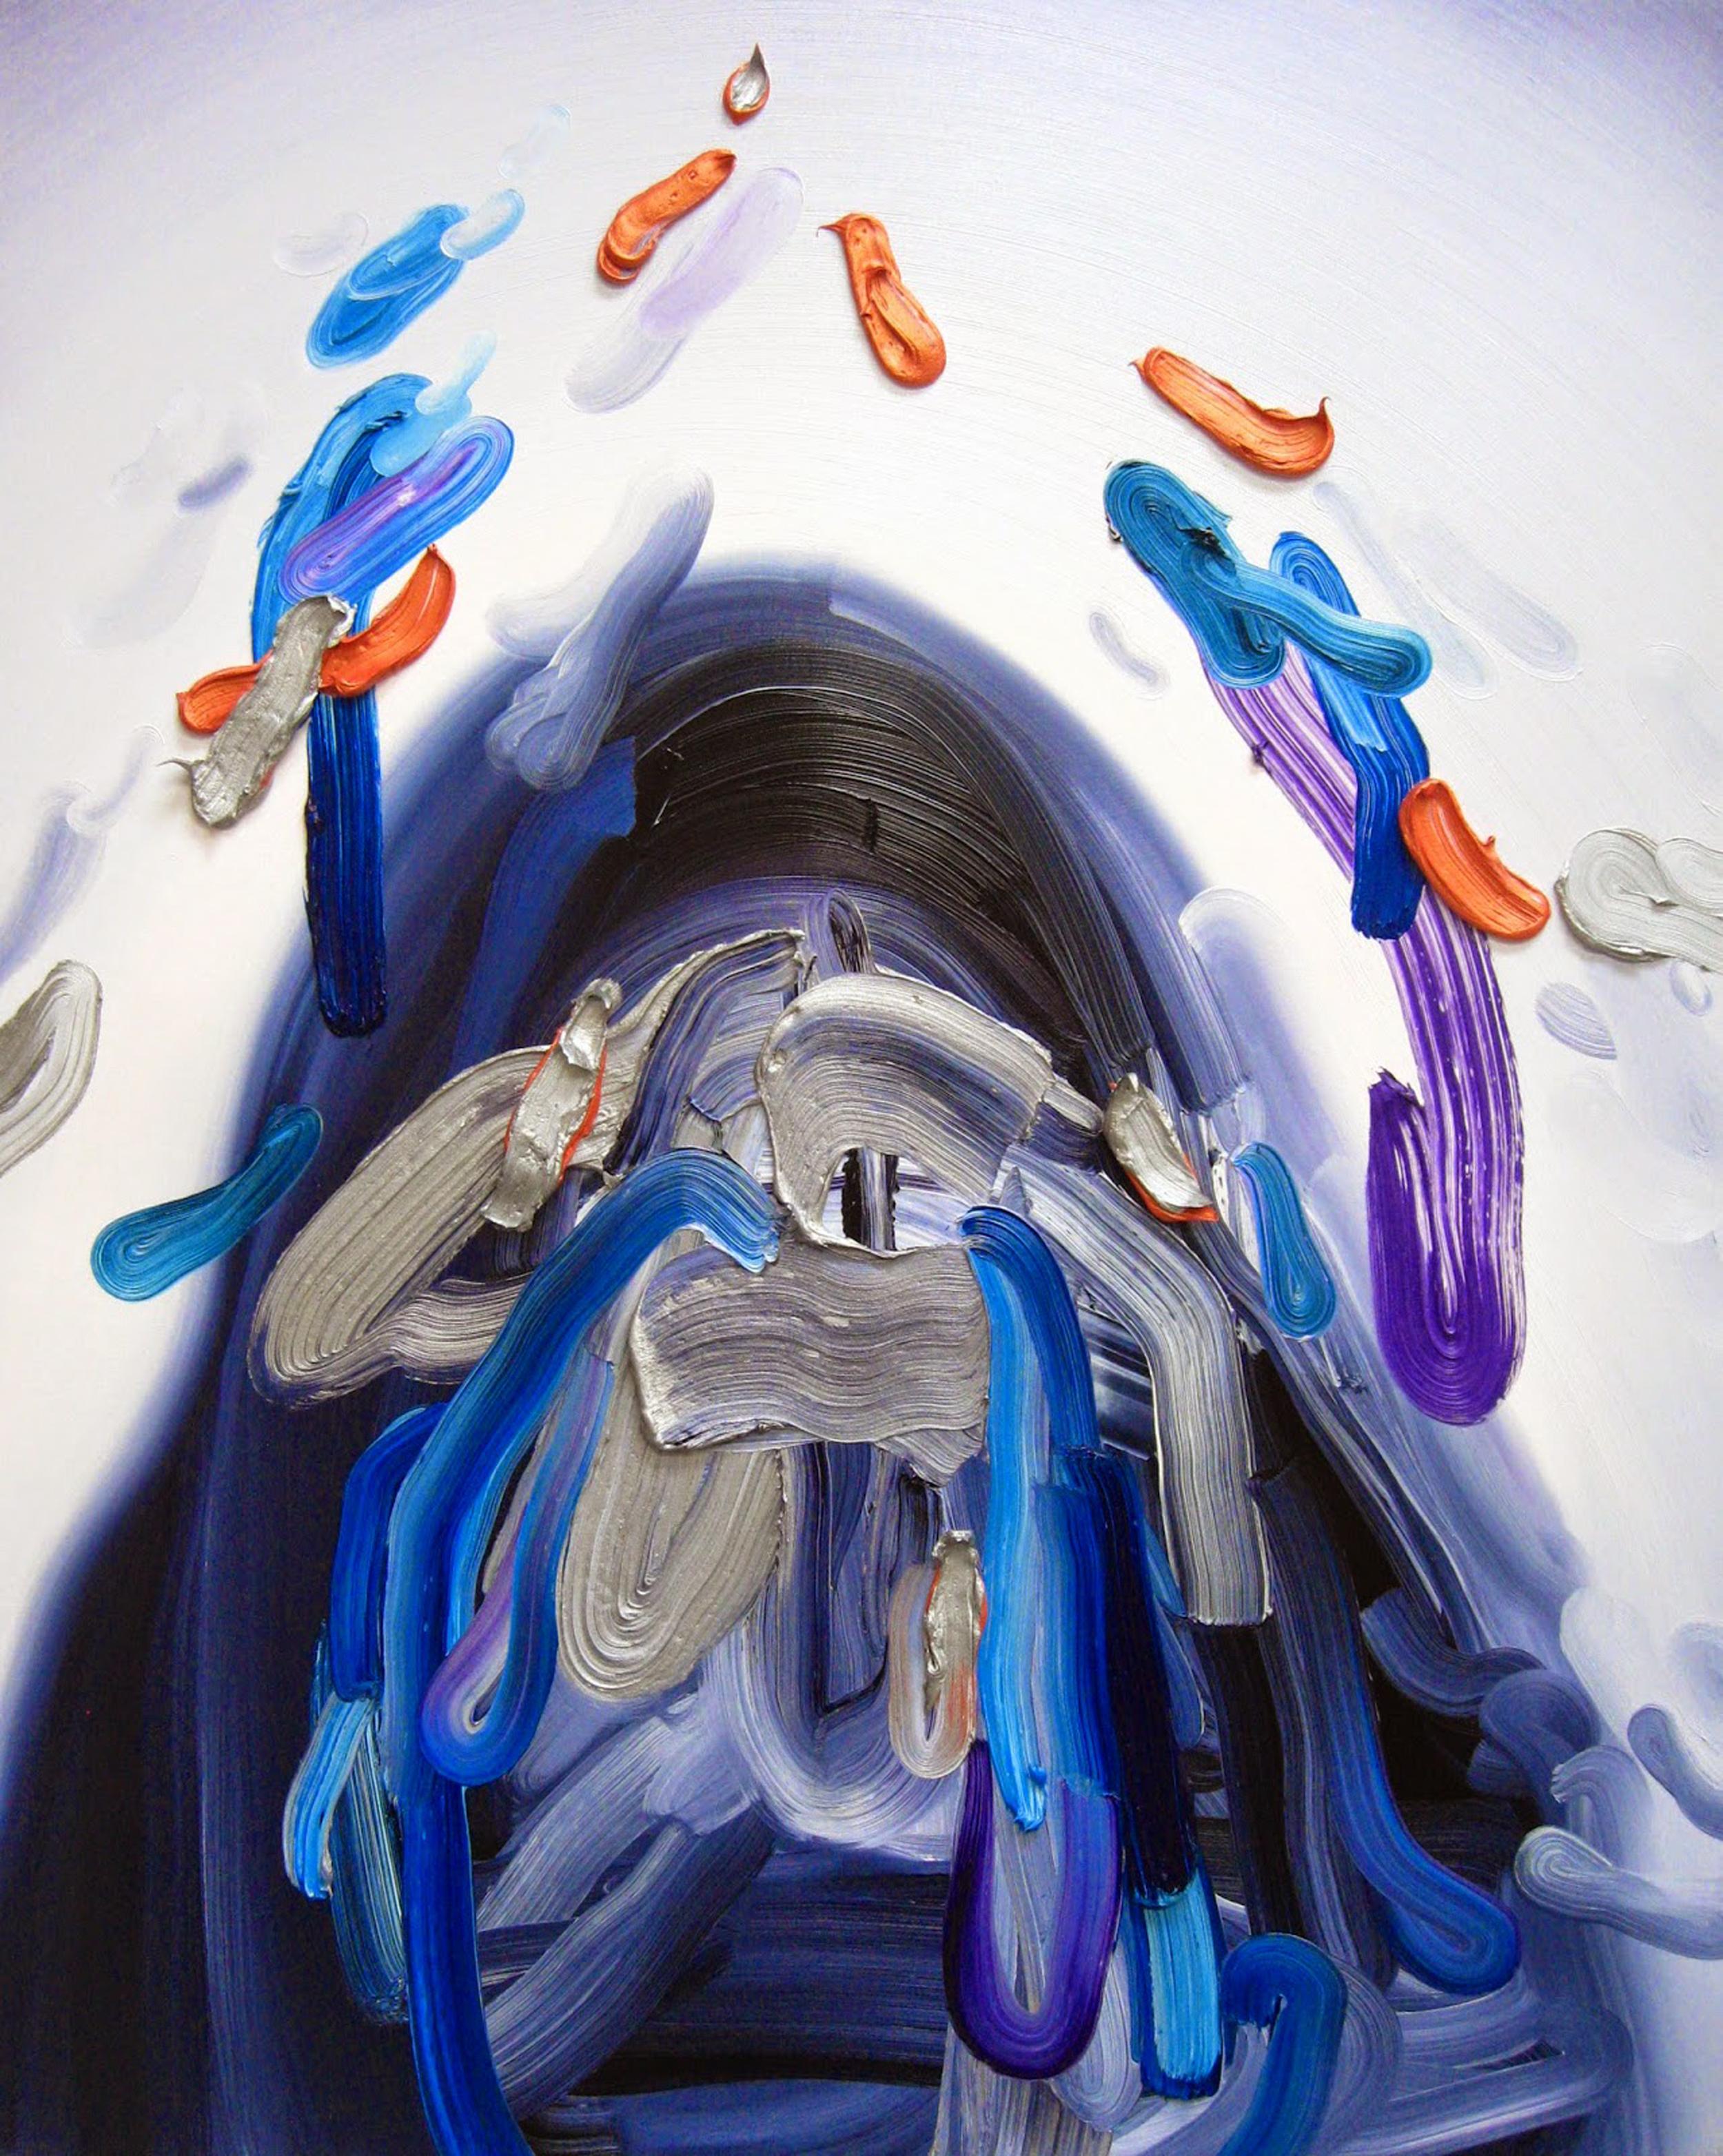 Confetti / oil on canvas / 30 x 24 inches